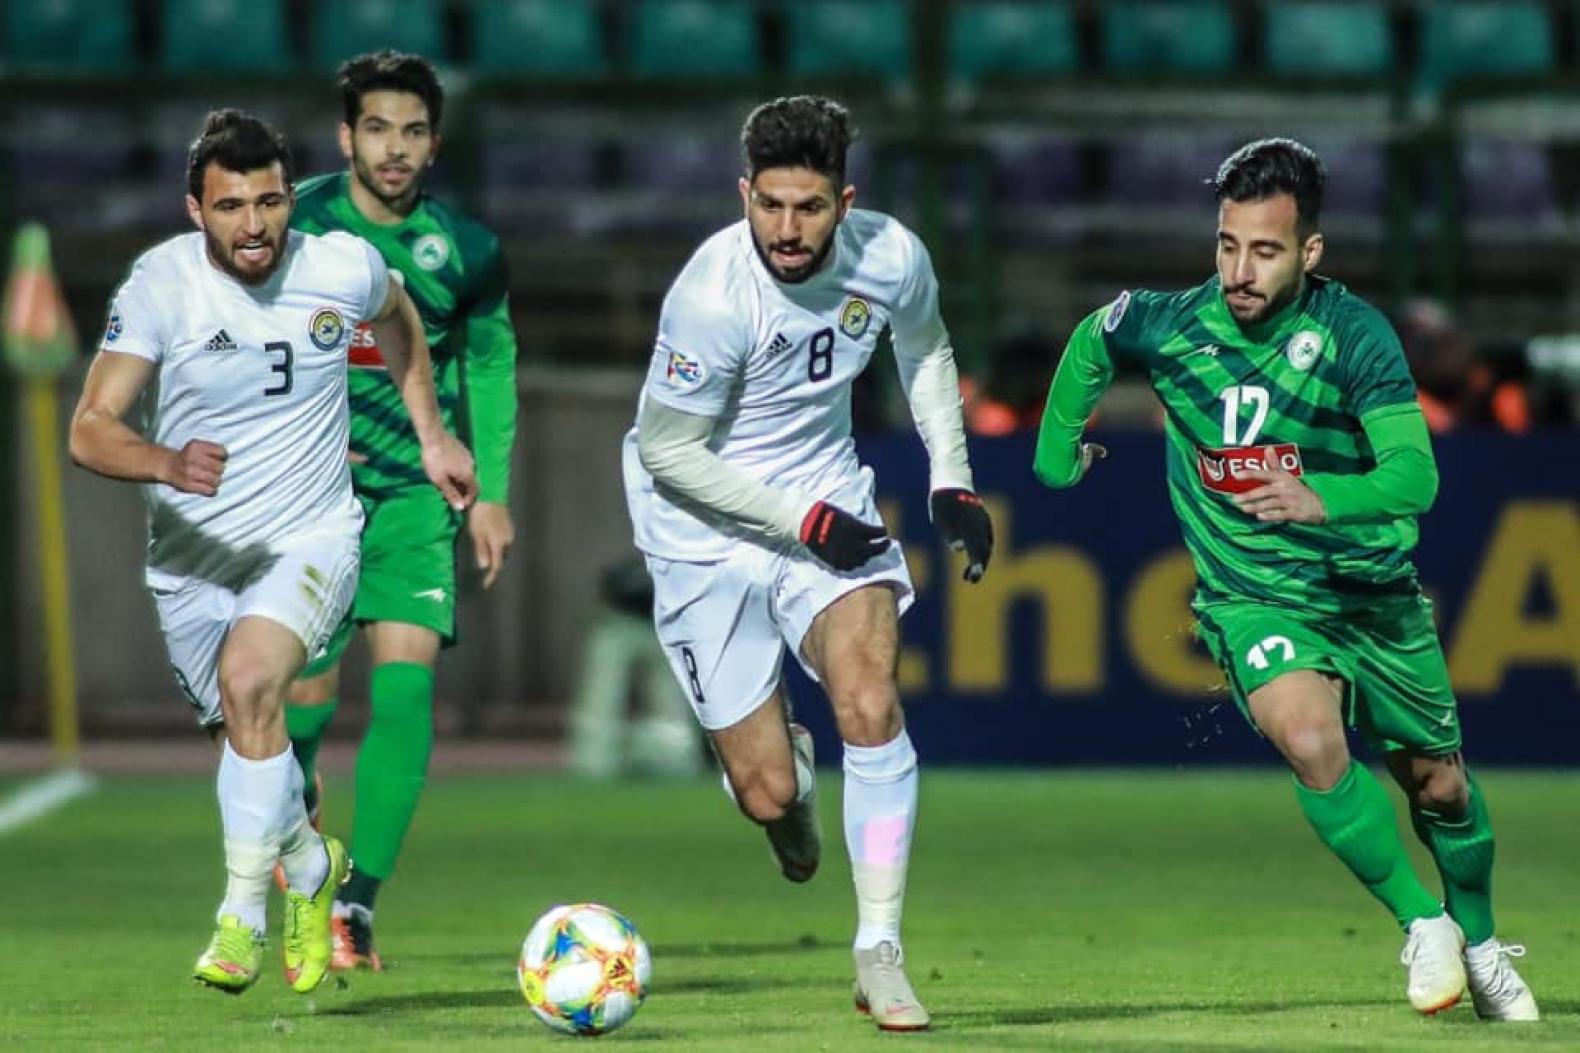 تیم فوتبال ذوب آهن ایران دوشنبه ه وارد دوحه قطر میشود